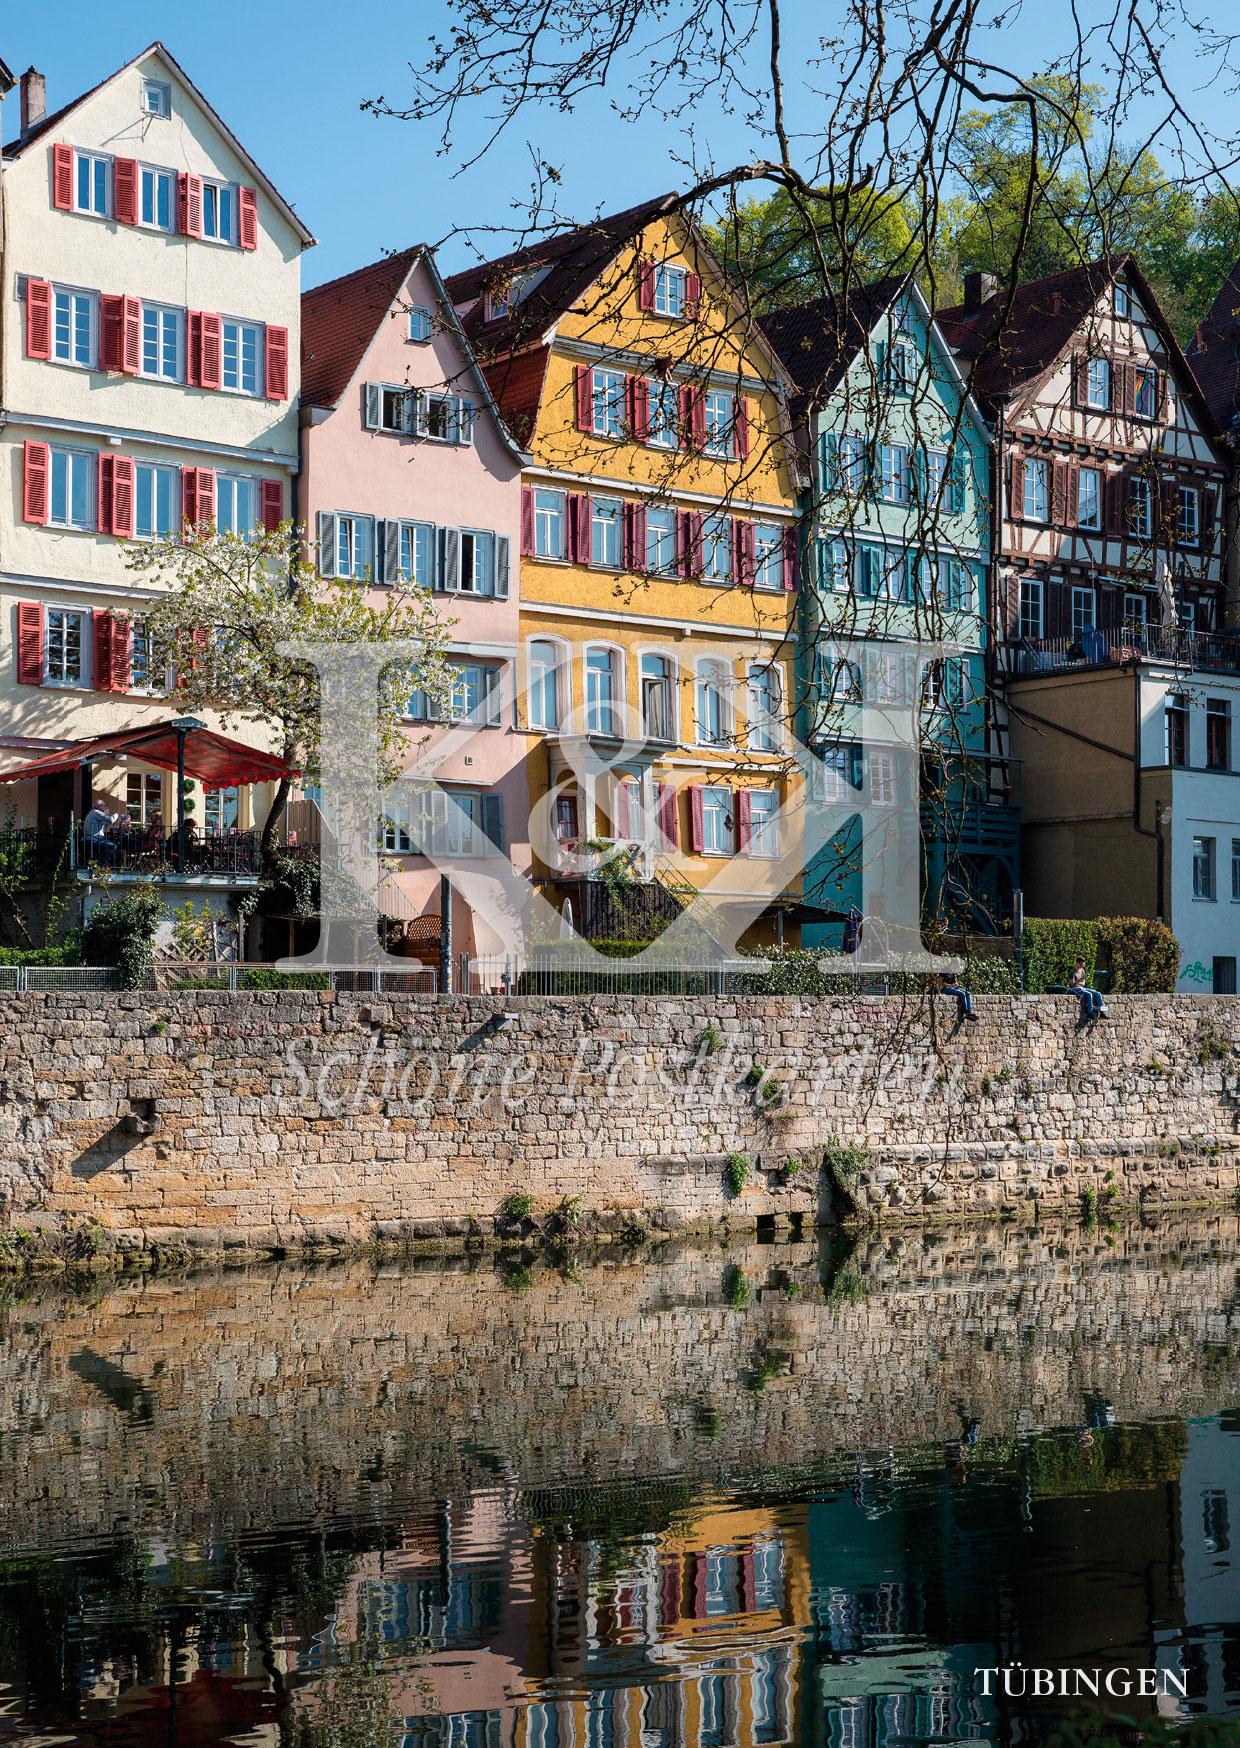 <strong>Schöne Postkarte Nr. 249</strong> · Häuser am Neckar in Tübingen © 2018